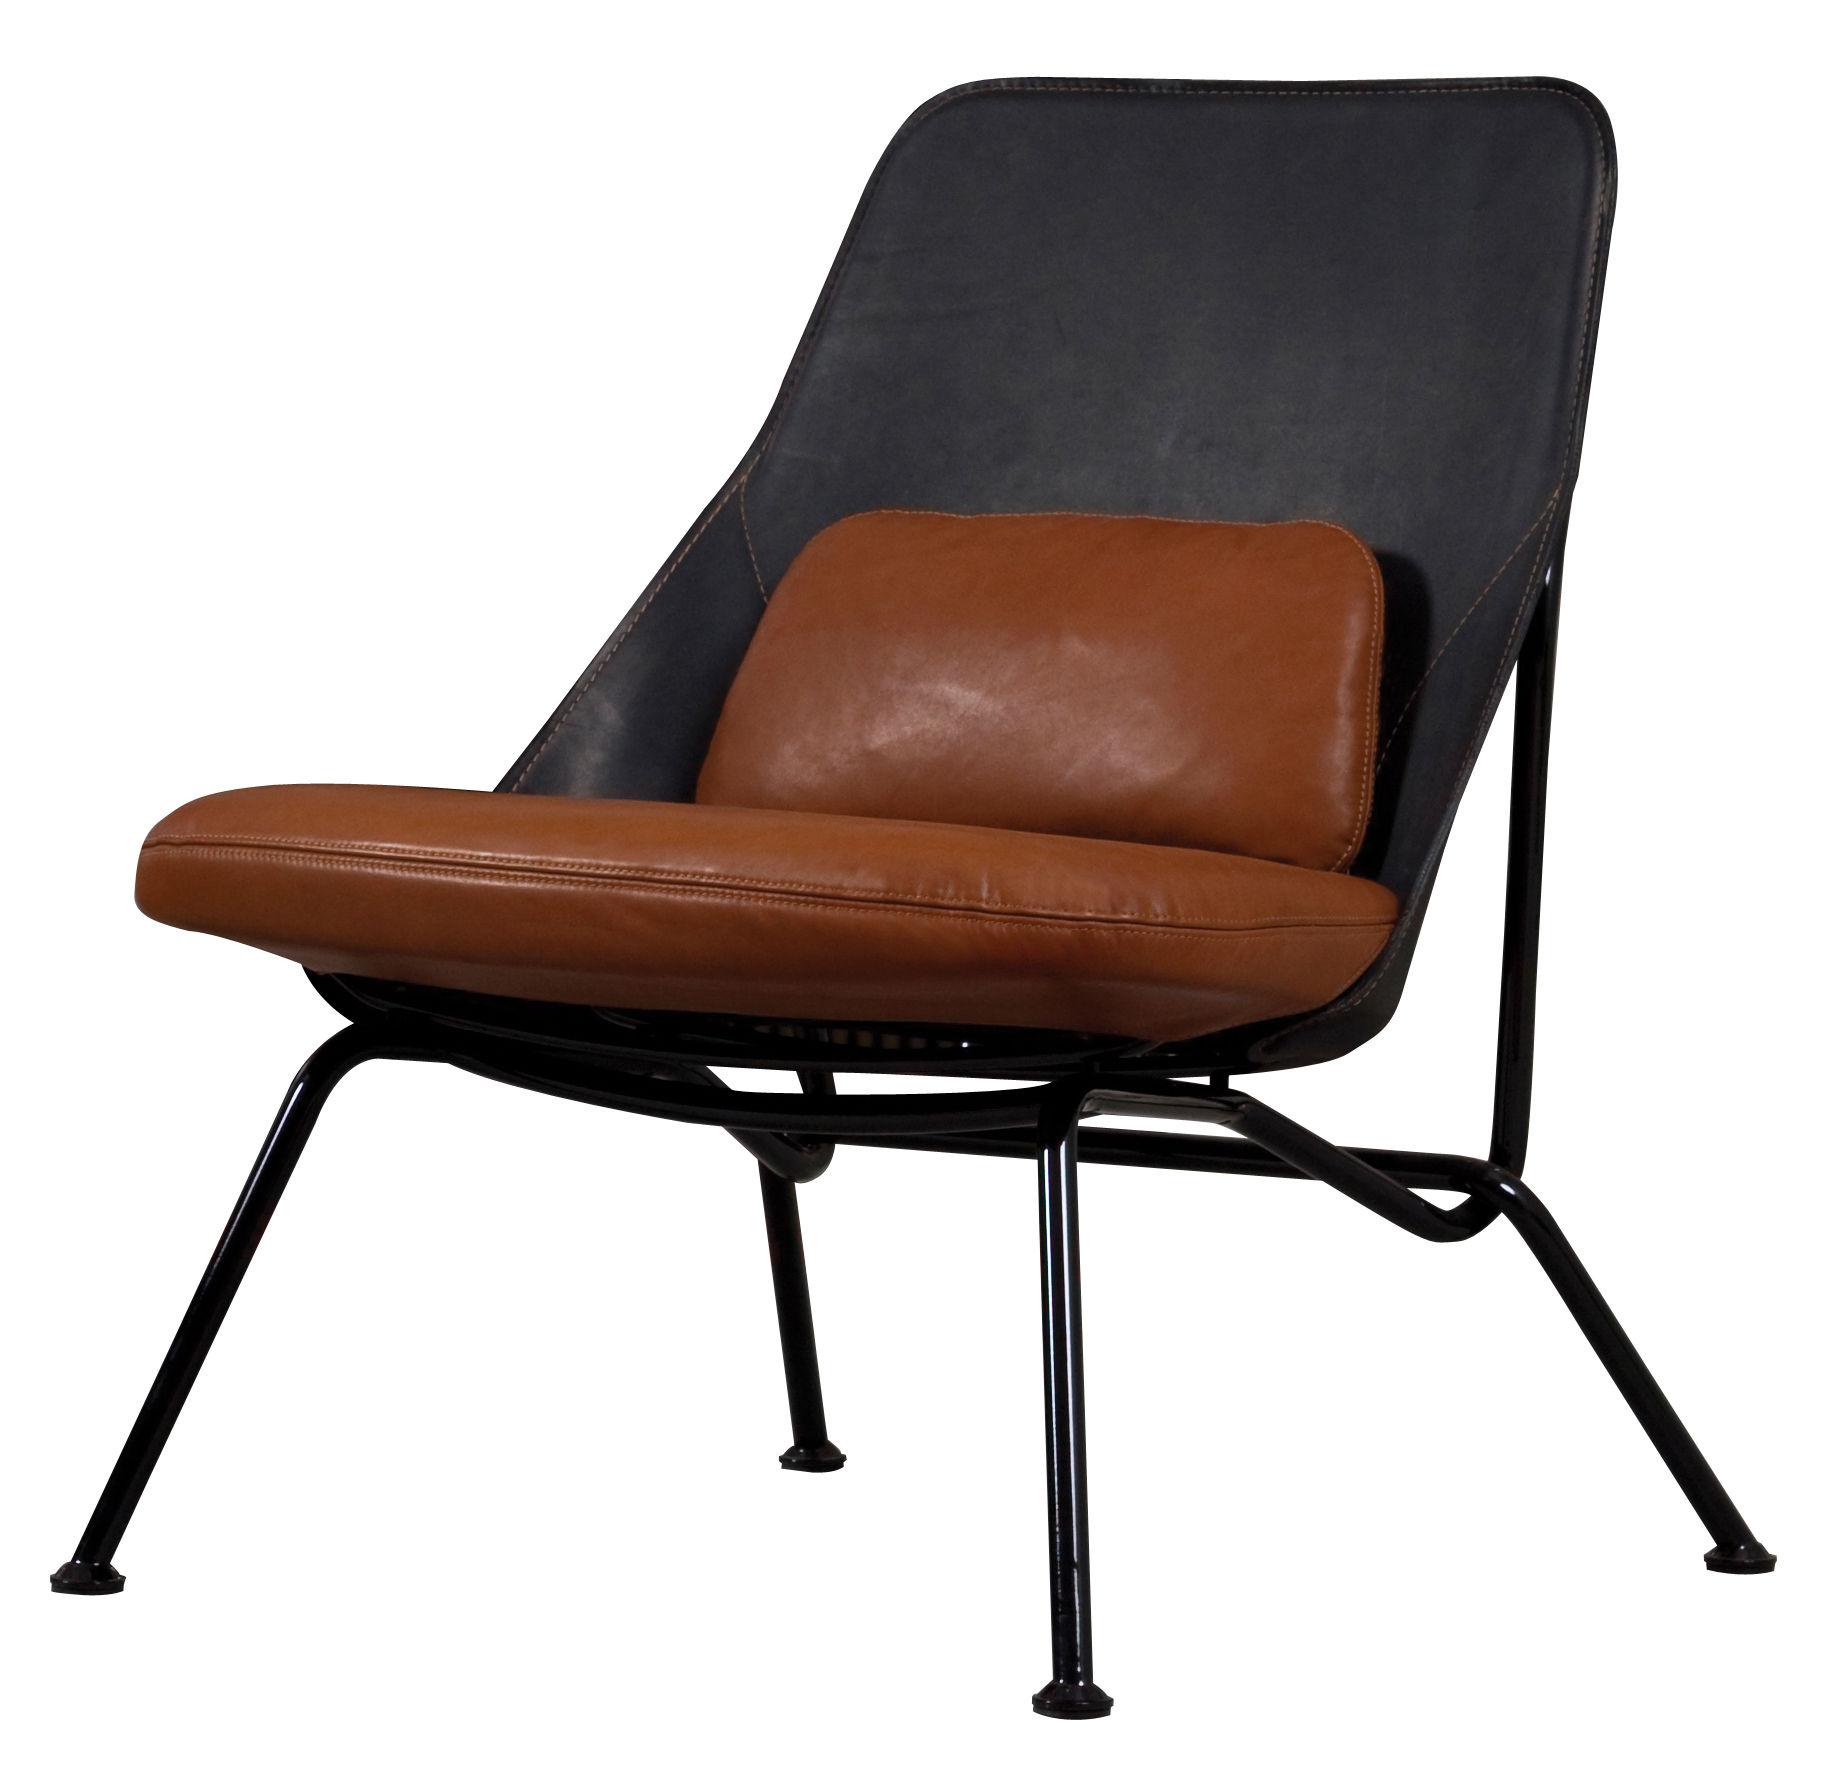 Mobilier - Fauteuils - Fauteuil rembourré Strain / Cuir - Prostoria Ltd - Assise cuir marron / Dossier cuir noir - Cuir, Métal